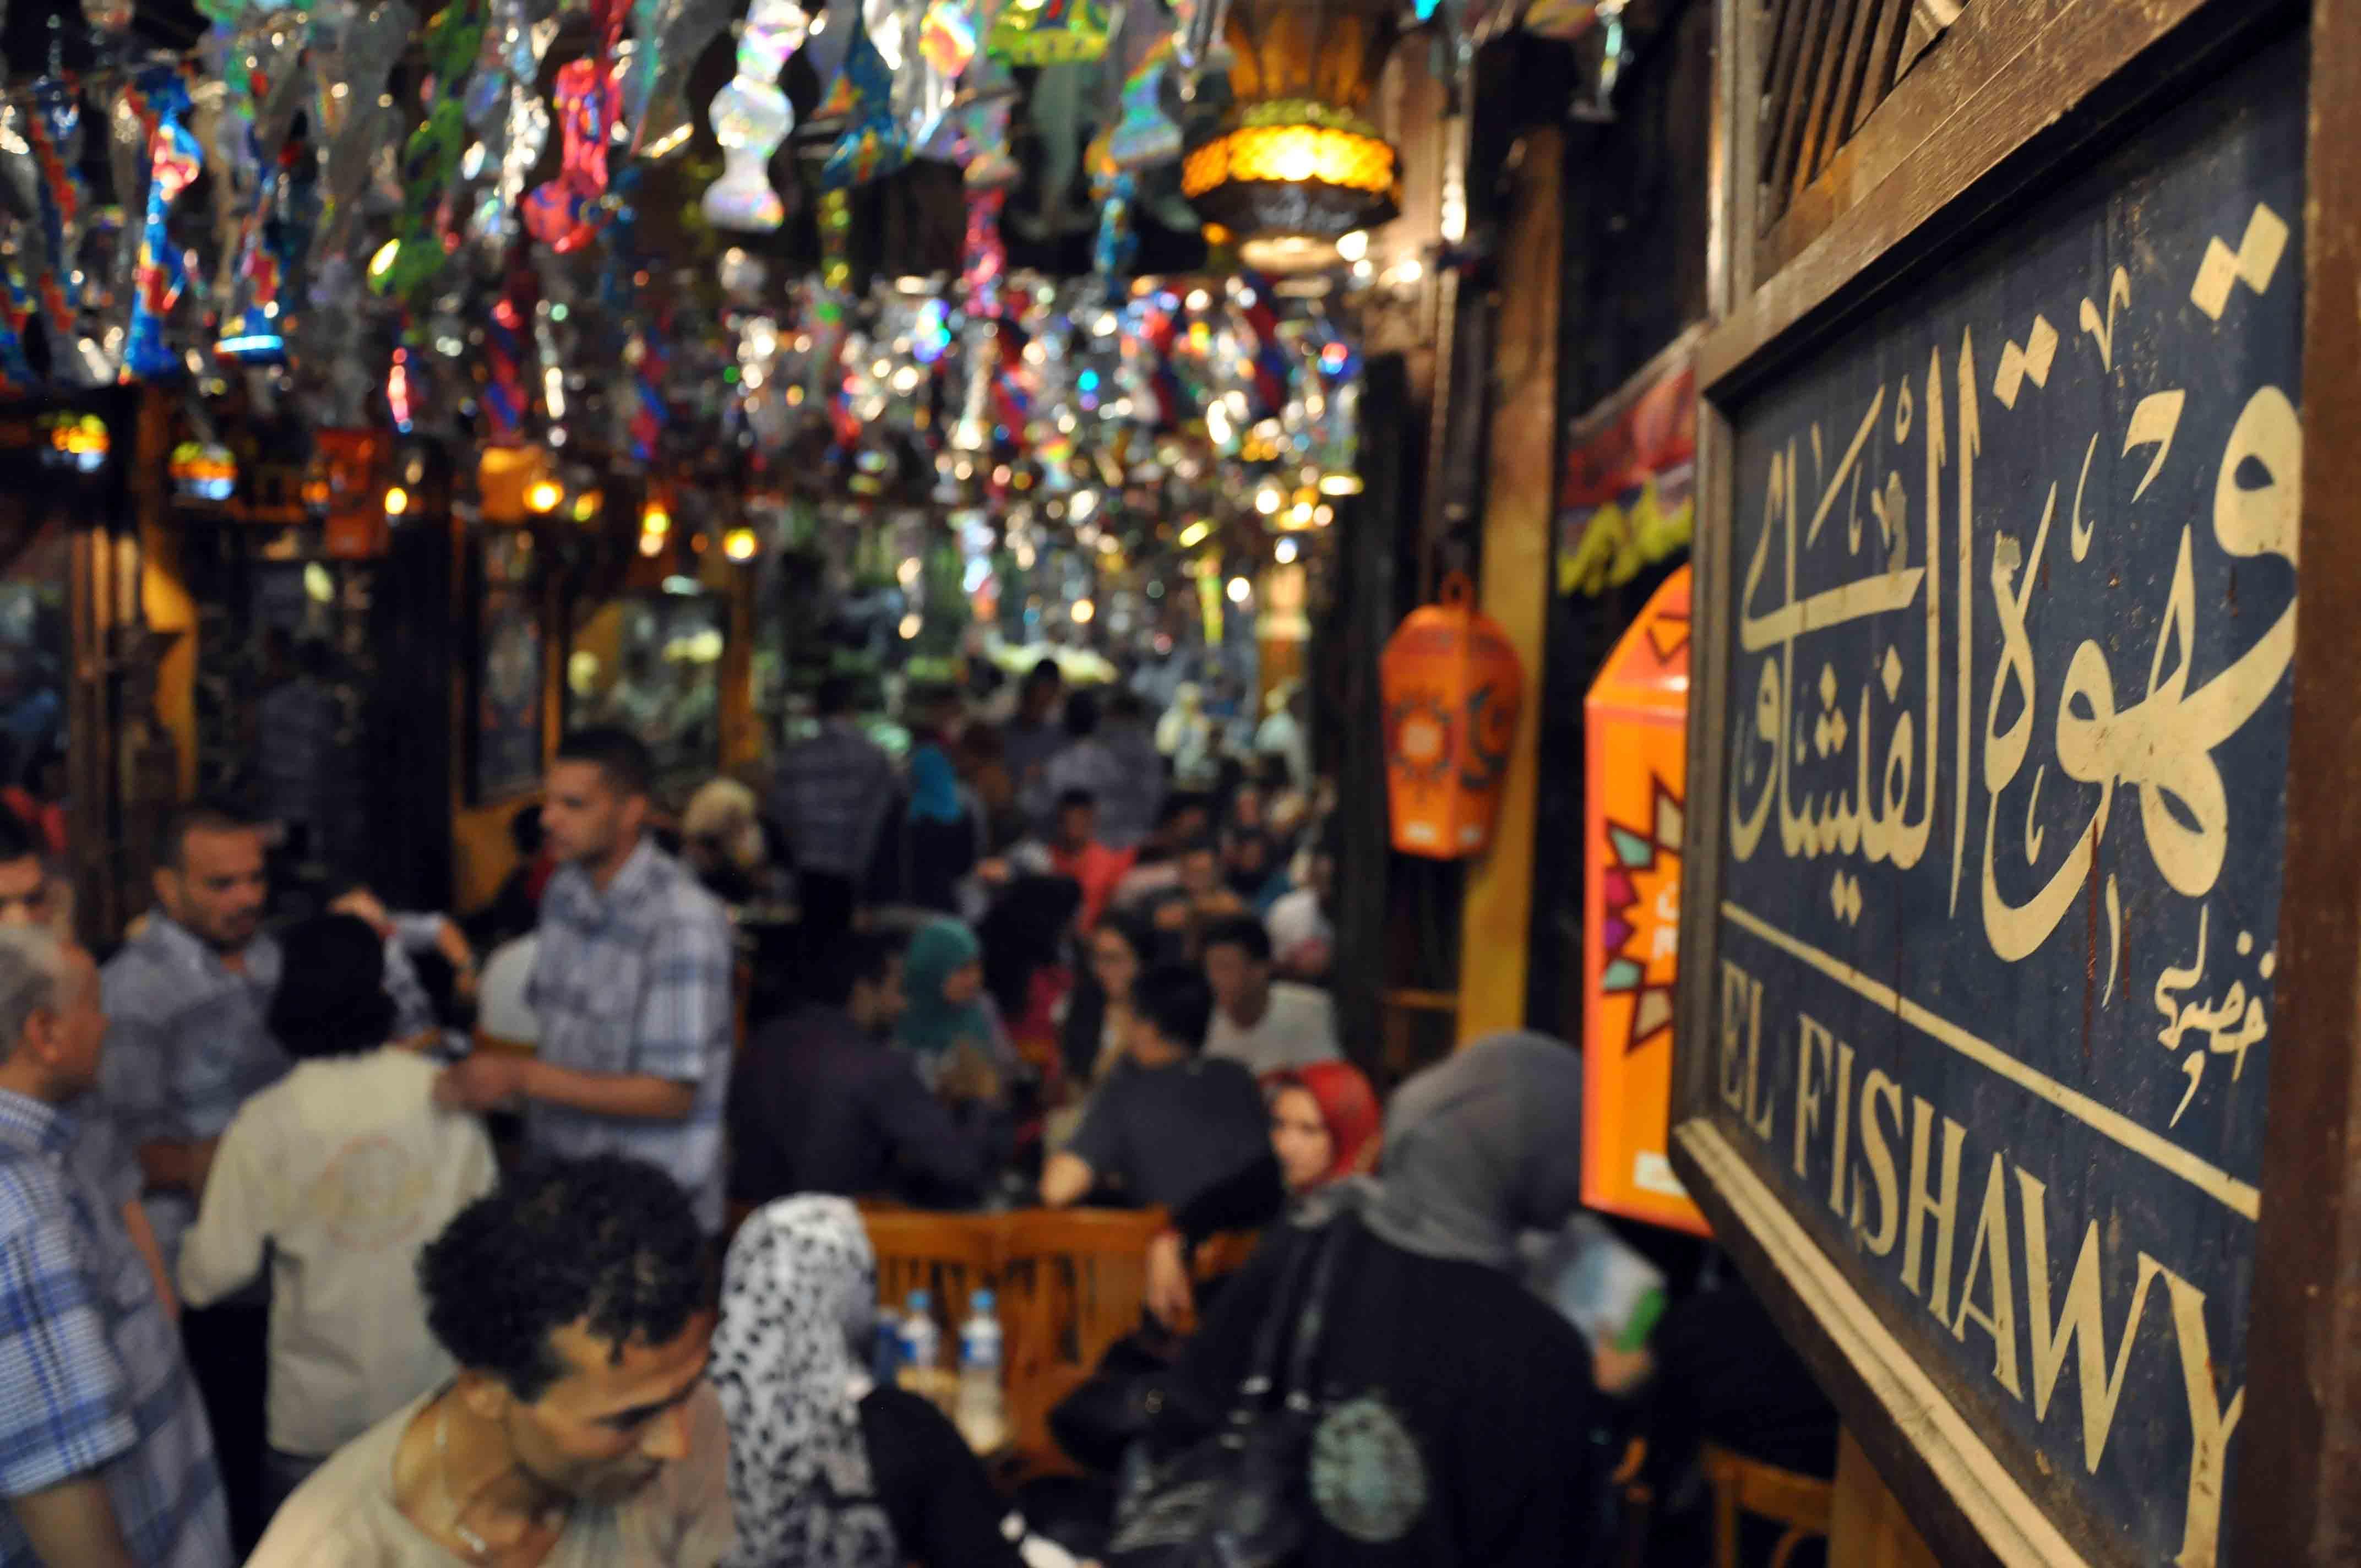 مقهى الفيشاوي أشهر مقاهي المثقفين في مصر (خاص.إندبندنت عربية)